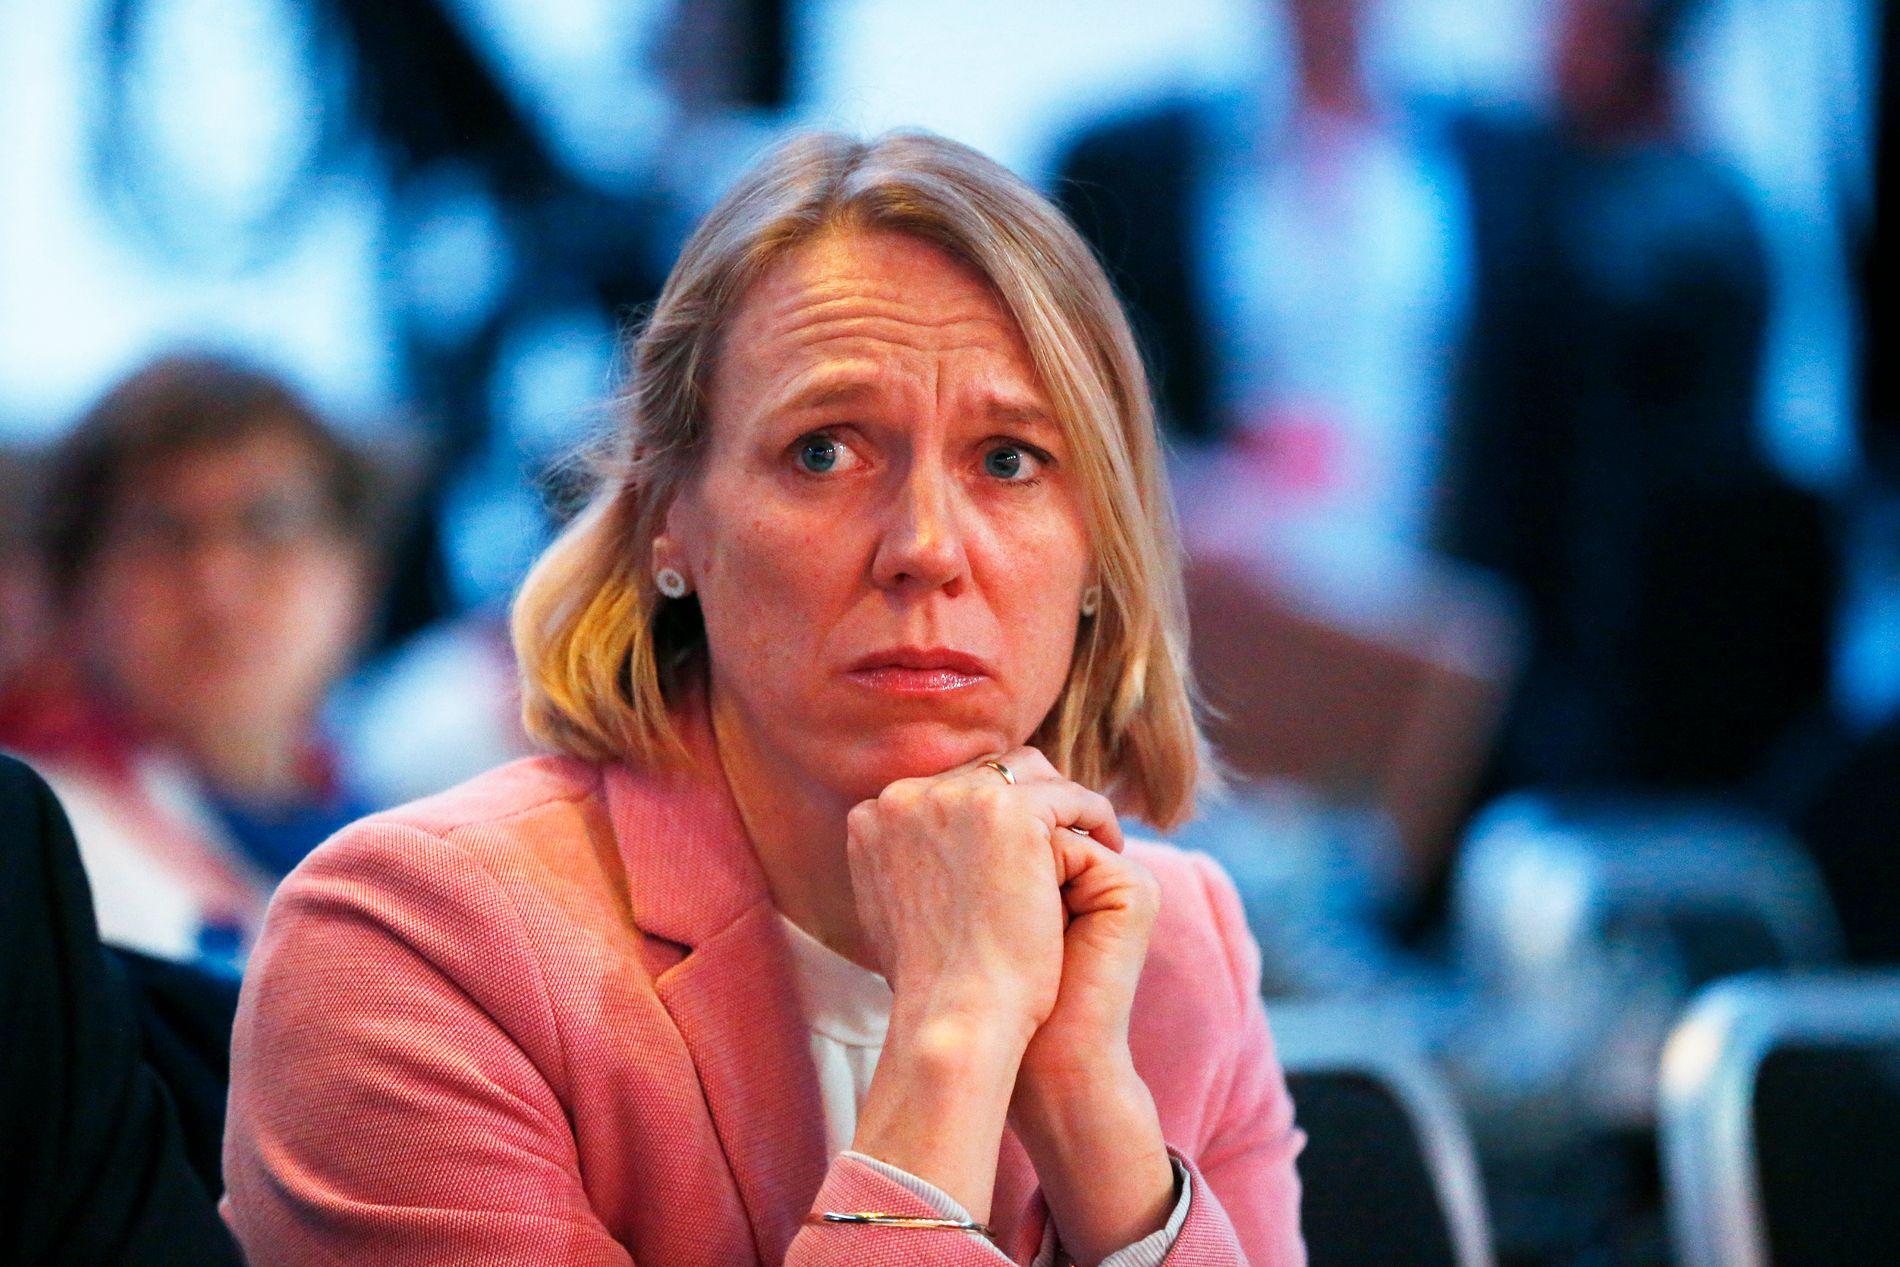 KRITISERT ETTER TRAKASSERINGS-UTTALELSE: Leder av kvinnenettverket  i Arbeiderpartiet Anniken Huitfeldt.